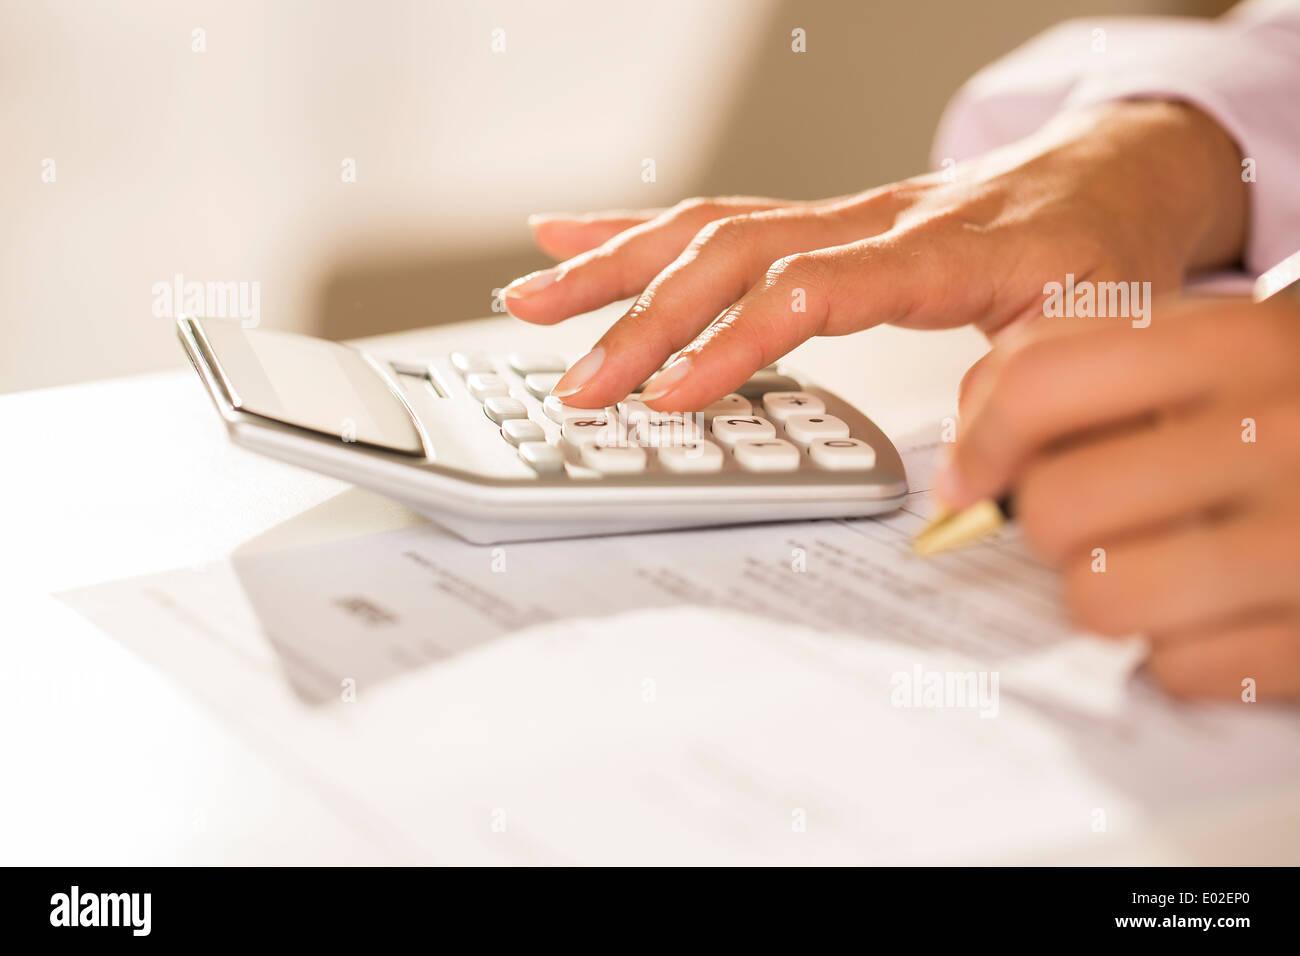 Female finger desk indoor white bill invoice - Stock Image